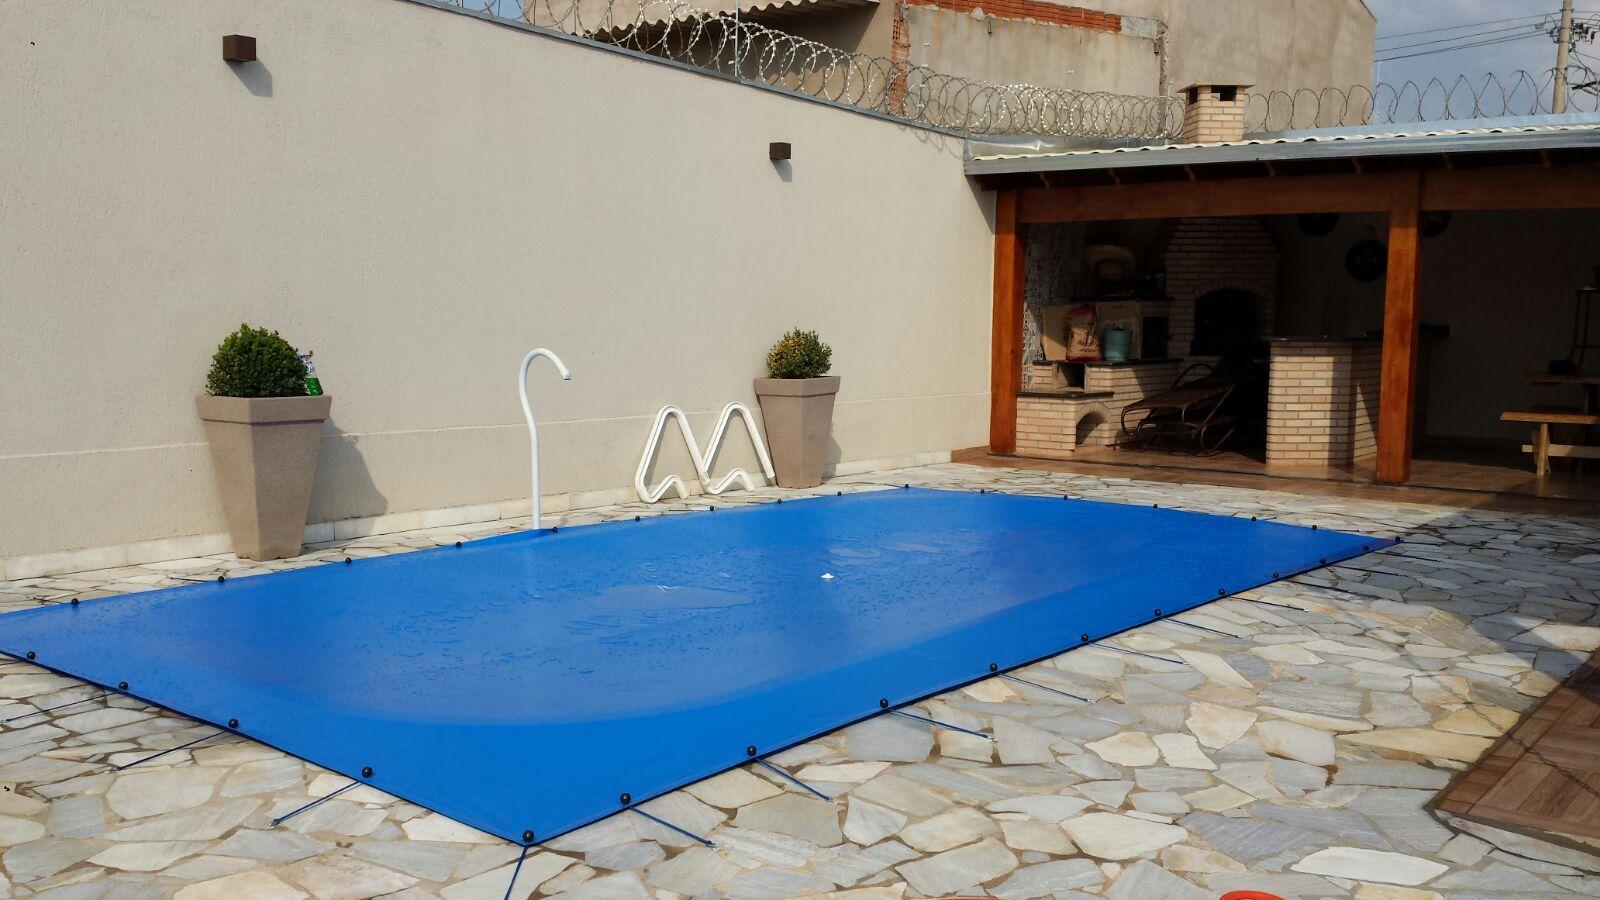 Capa para Piscina SL 500 Azul Completa com Acessórios Pinos e Extensores 4x3 m